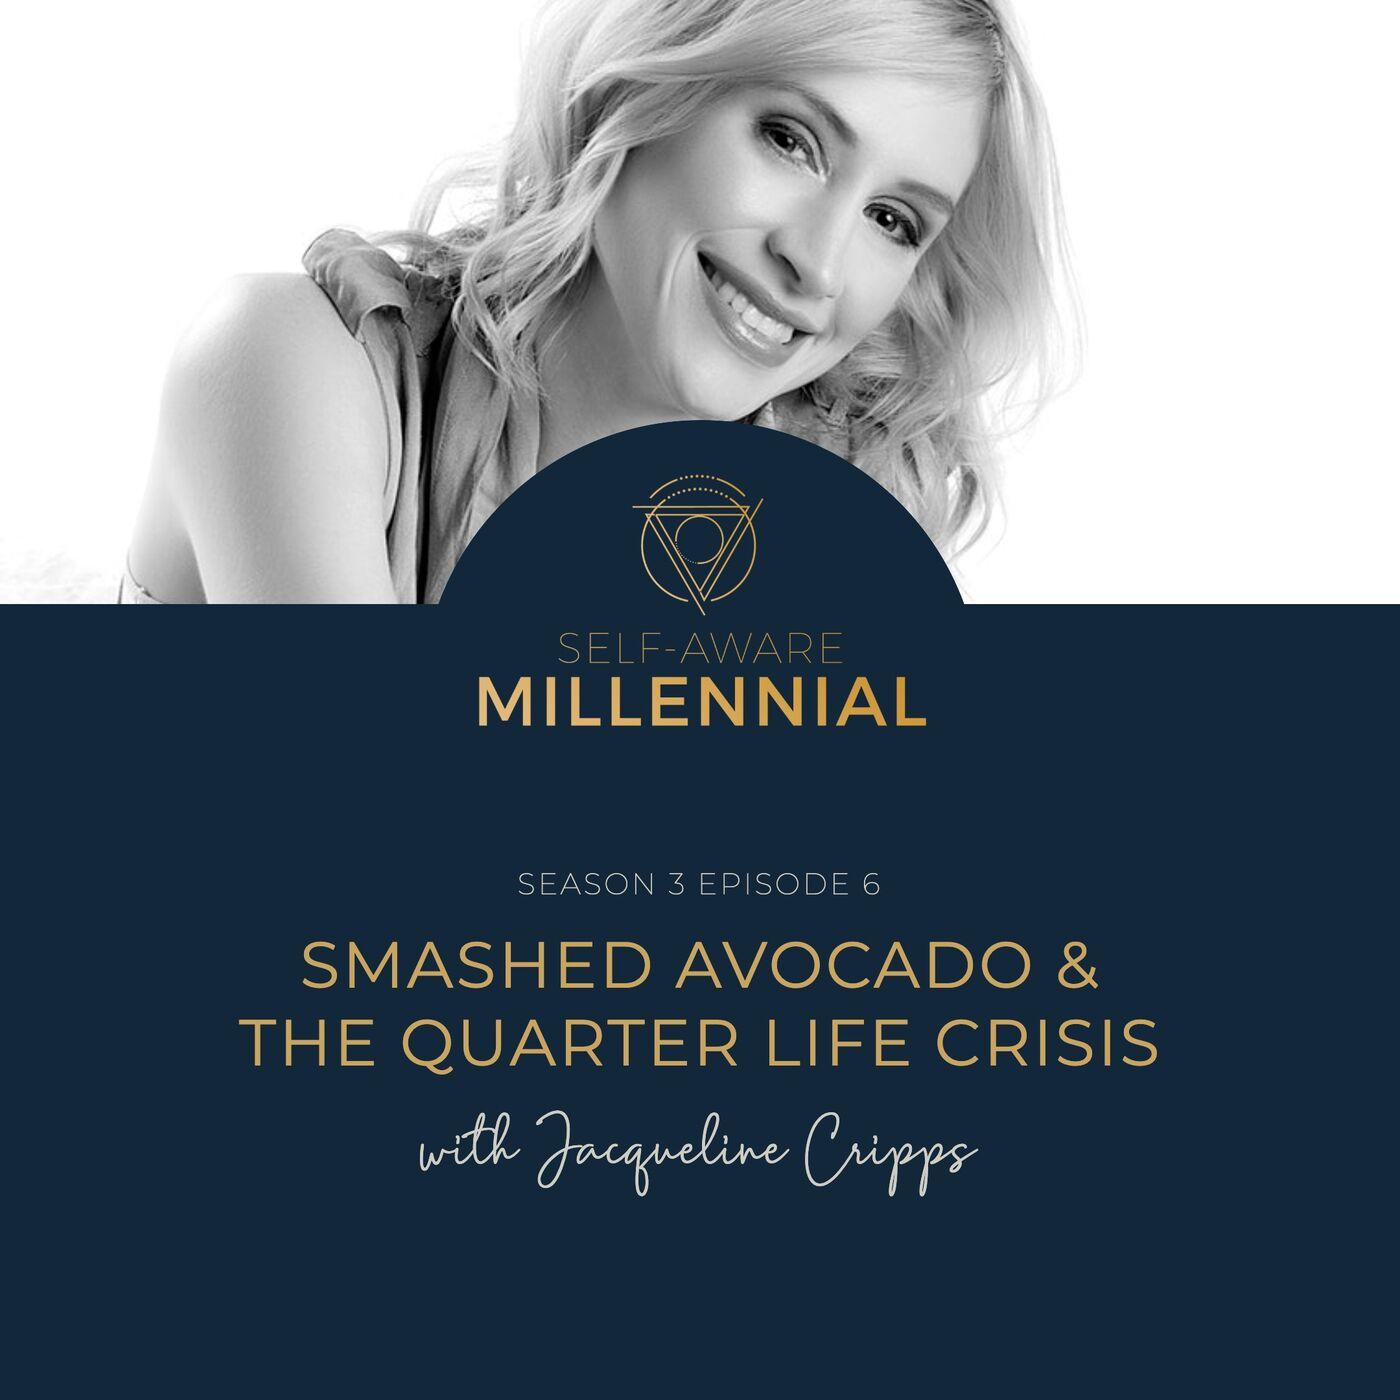 S3:E6 // Smashed Avocado & the Quarter Life Crisis with Jacqueline Cripps